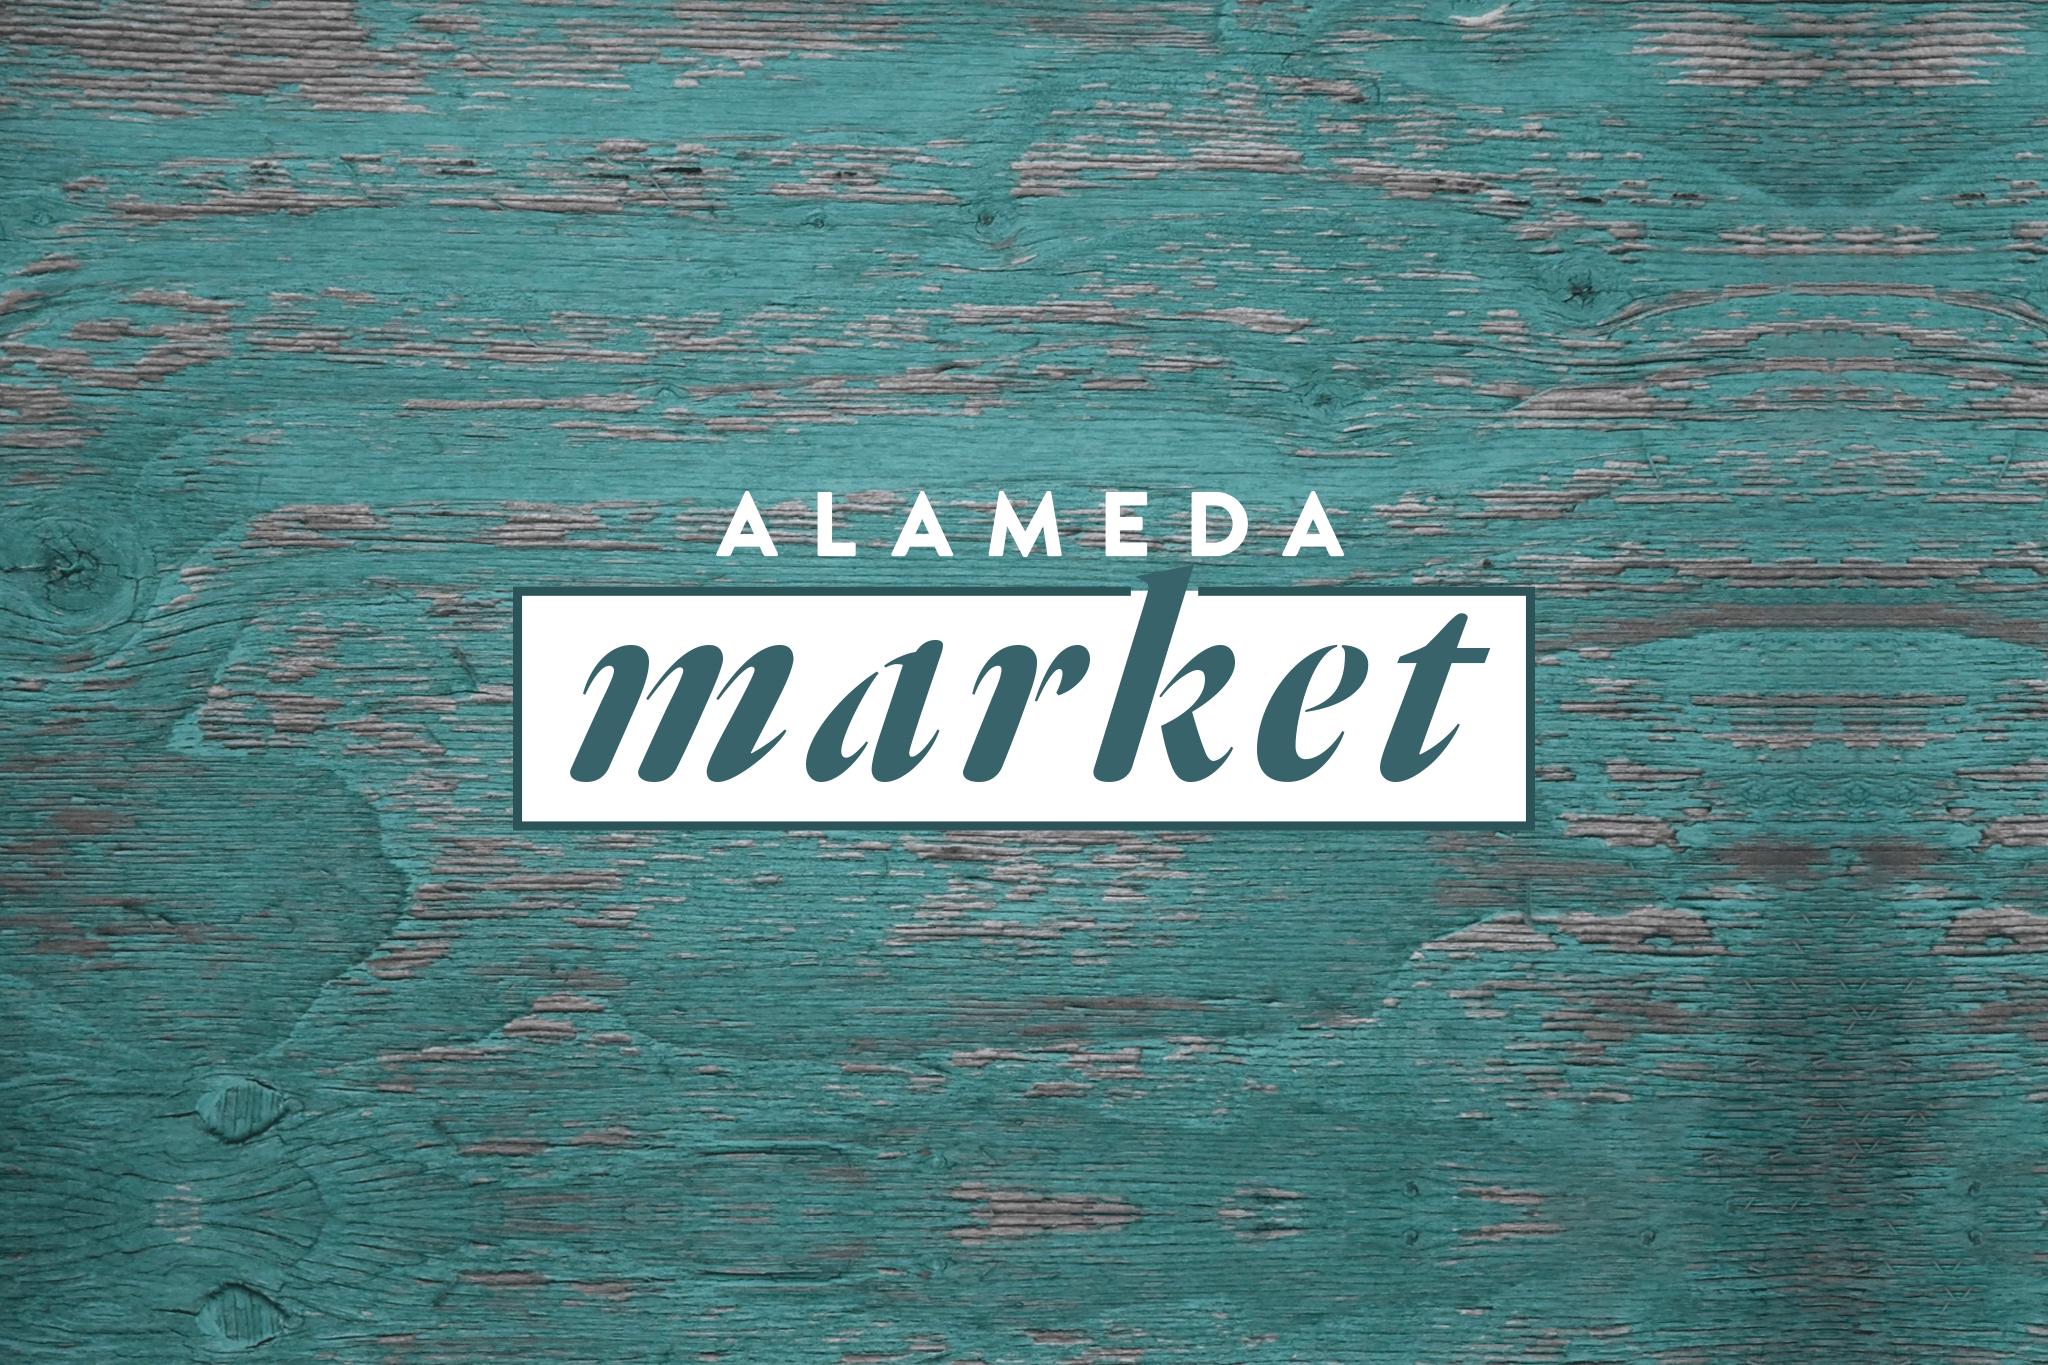 https://alamedamarket.pt/wp-content/uploads/2017/09/Alameda-Market.png